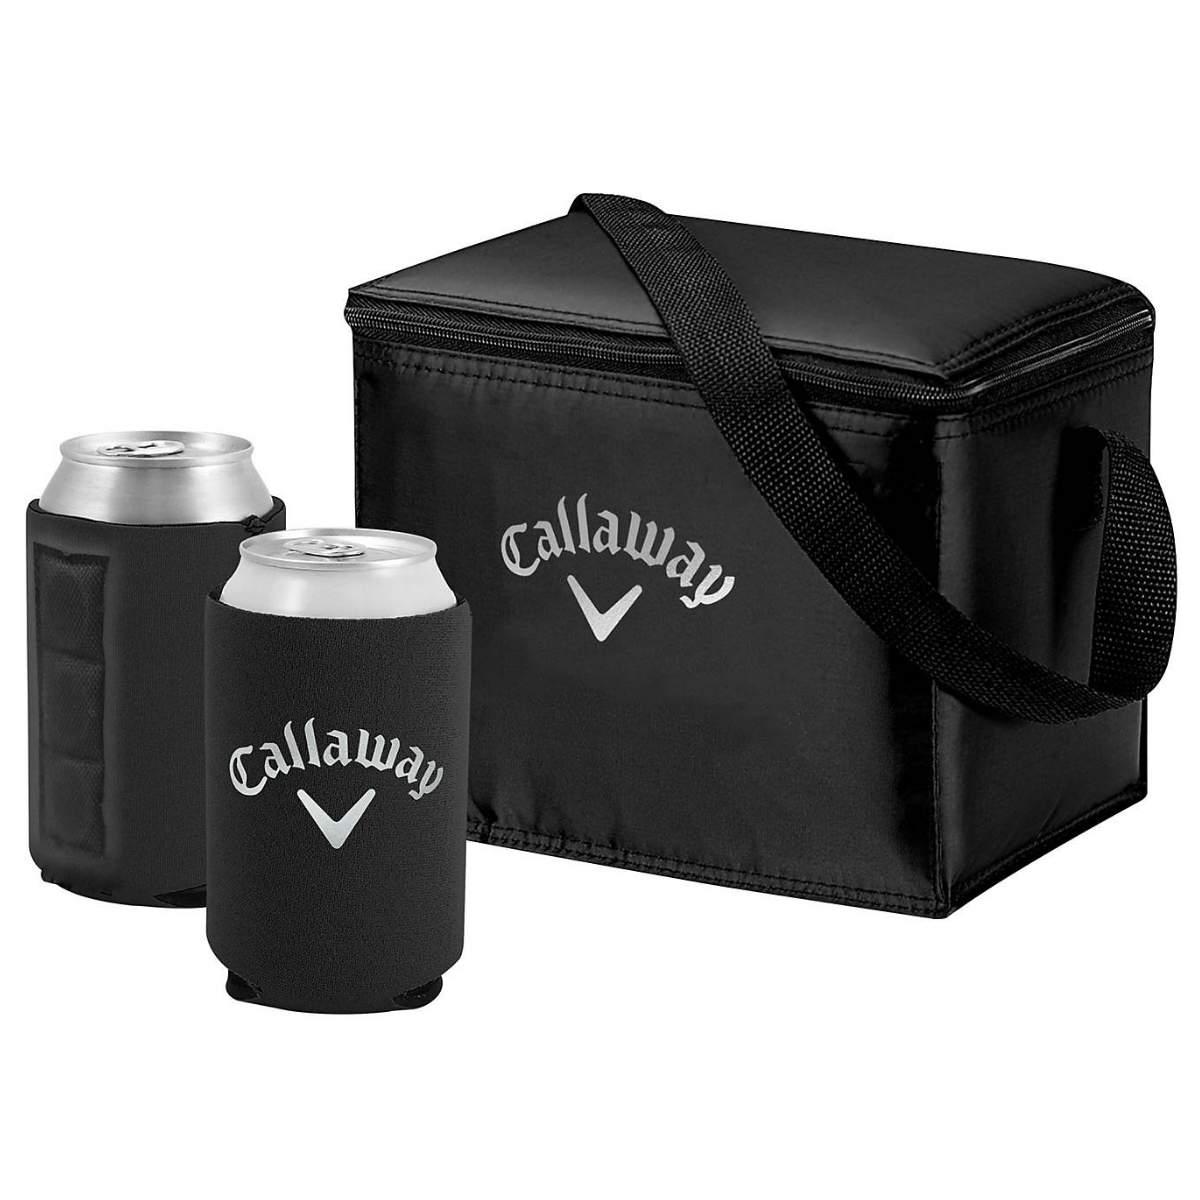 Callaway Golf Cooler Set